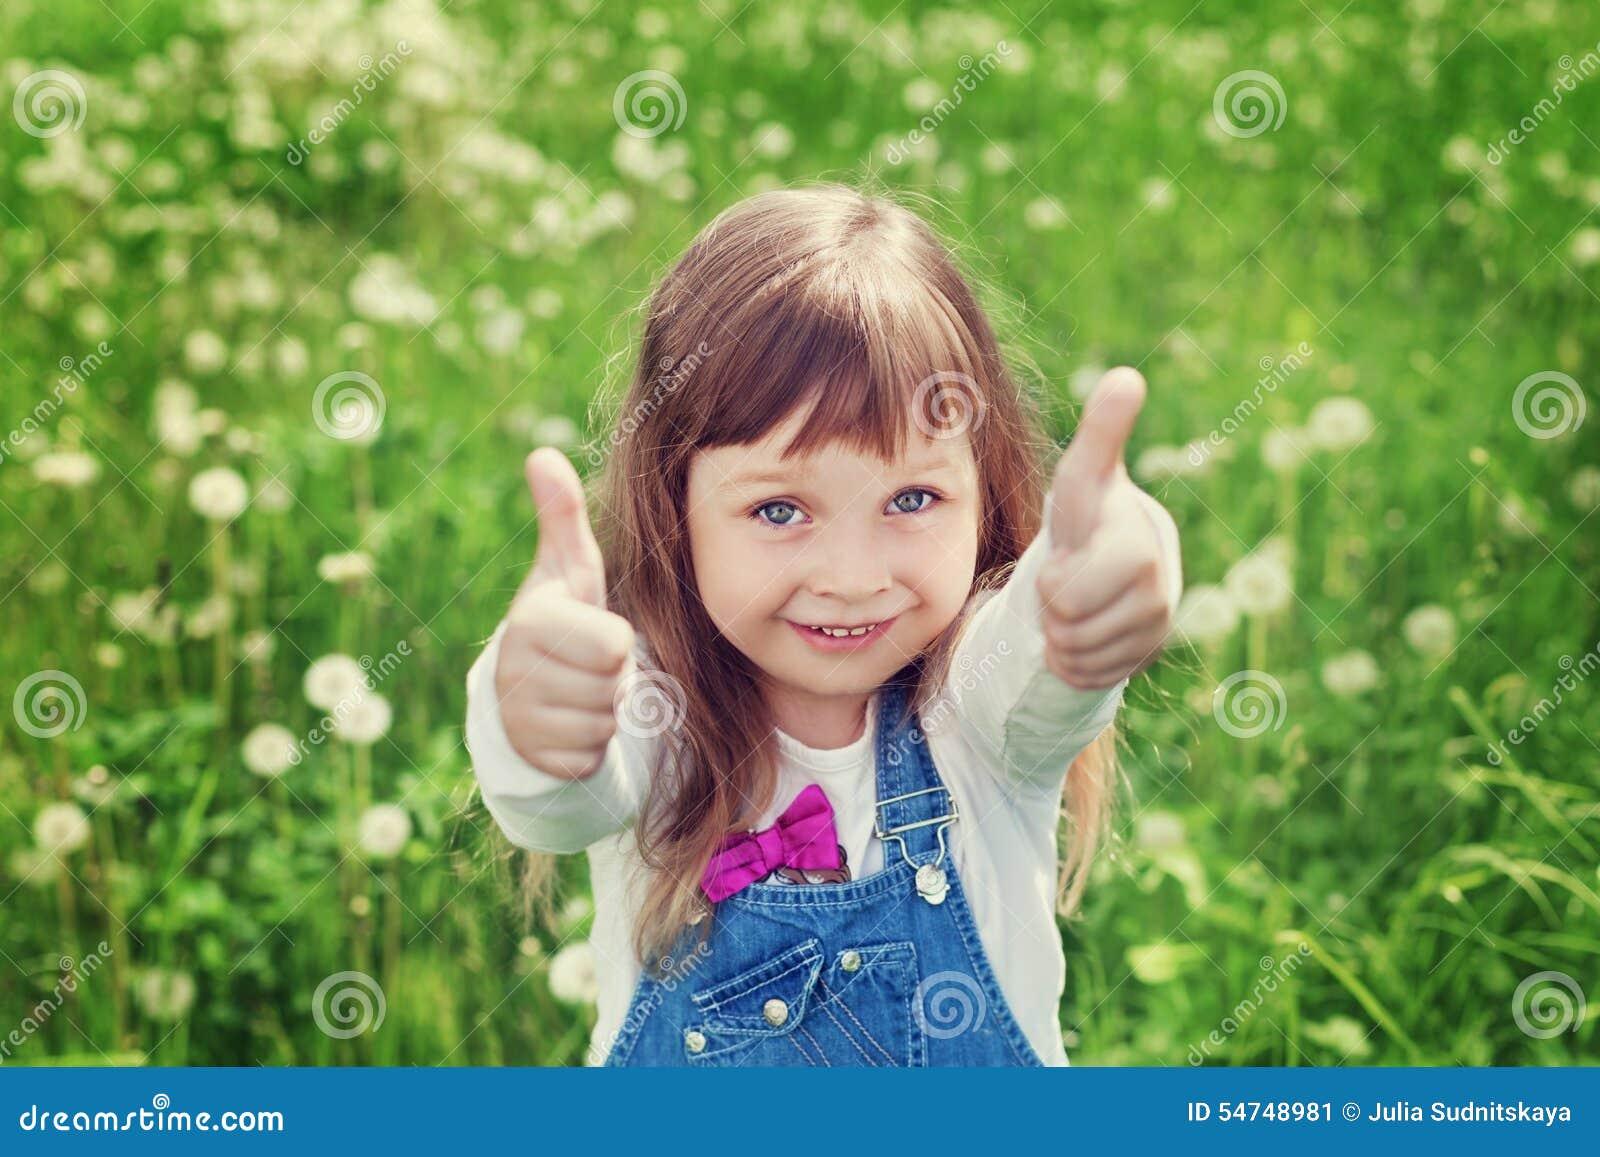 Porträt des netten kleinen Mädchens mit den Daumen zeigt sich eine Klasse auf der Blumenwiese, glückliches Kindheitskonzept, das